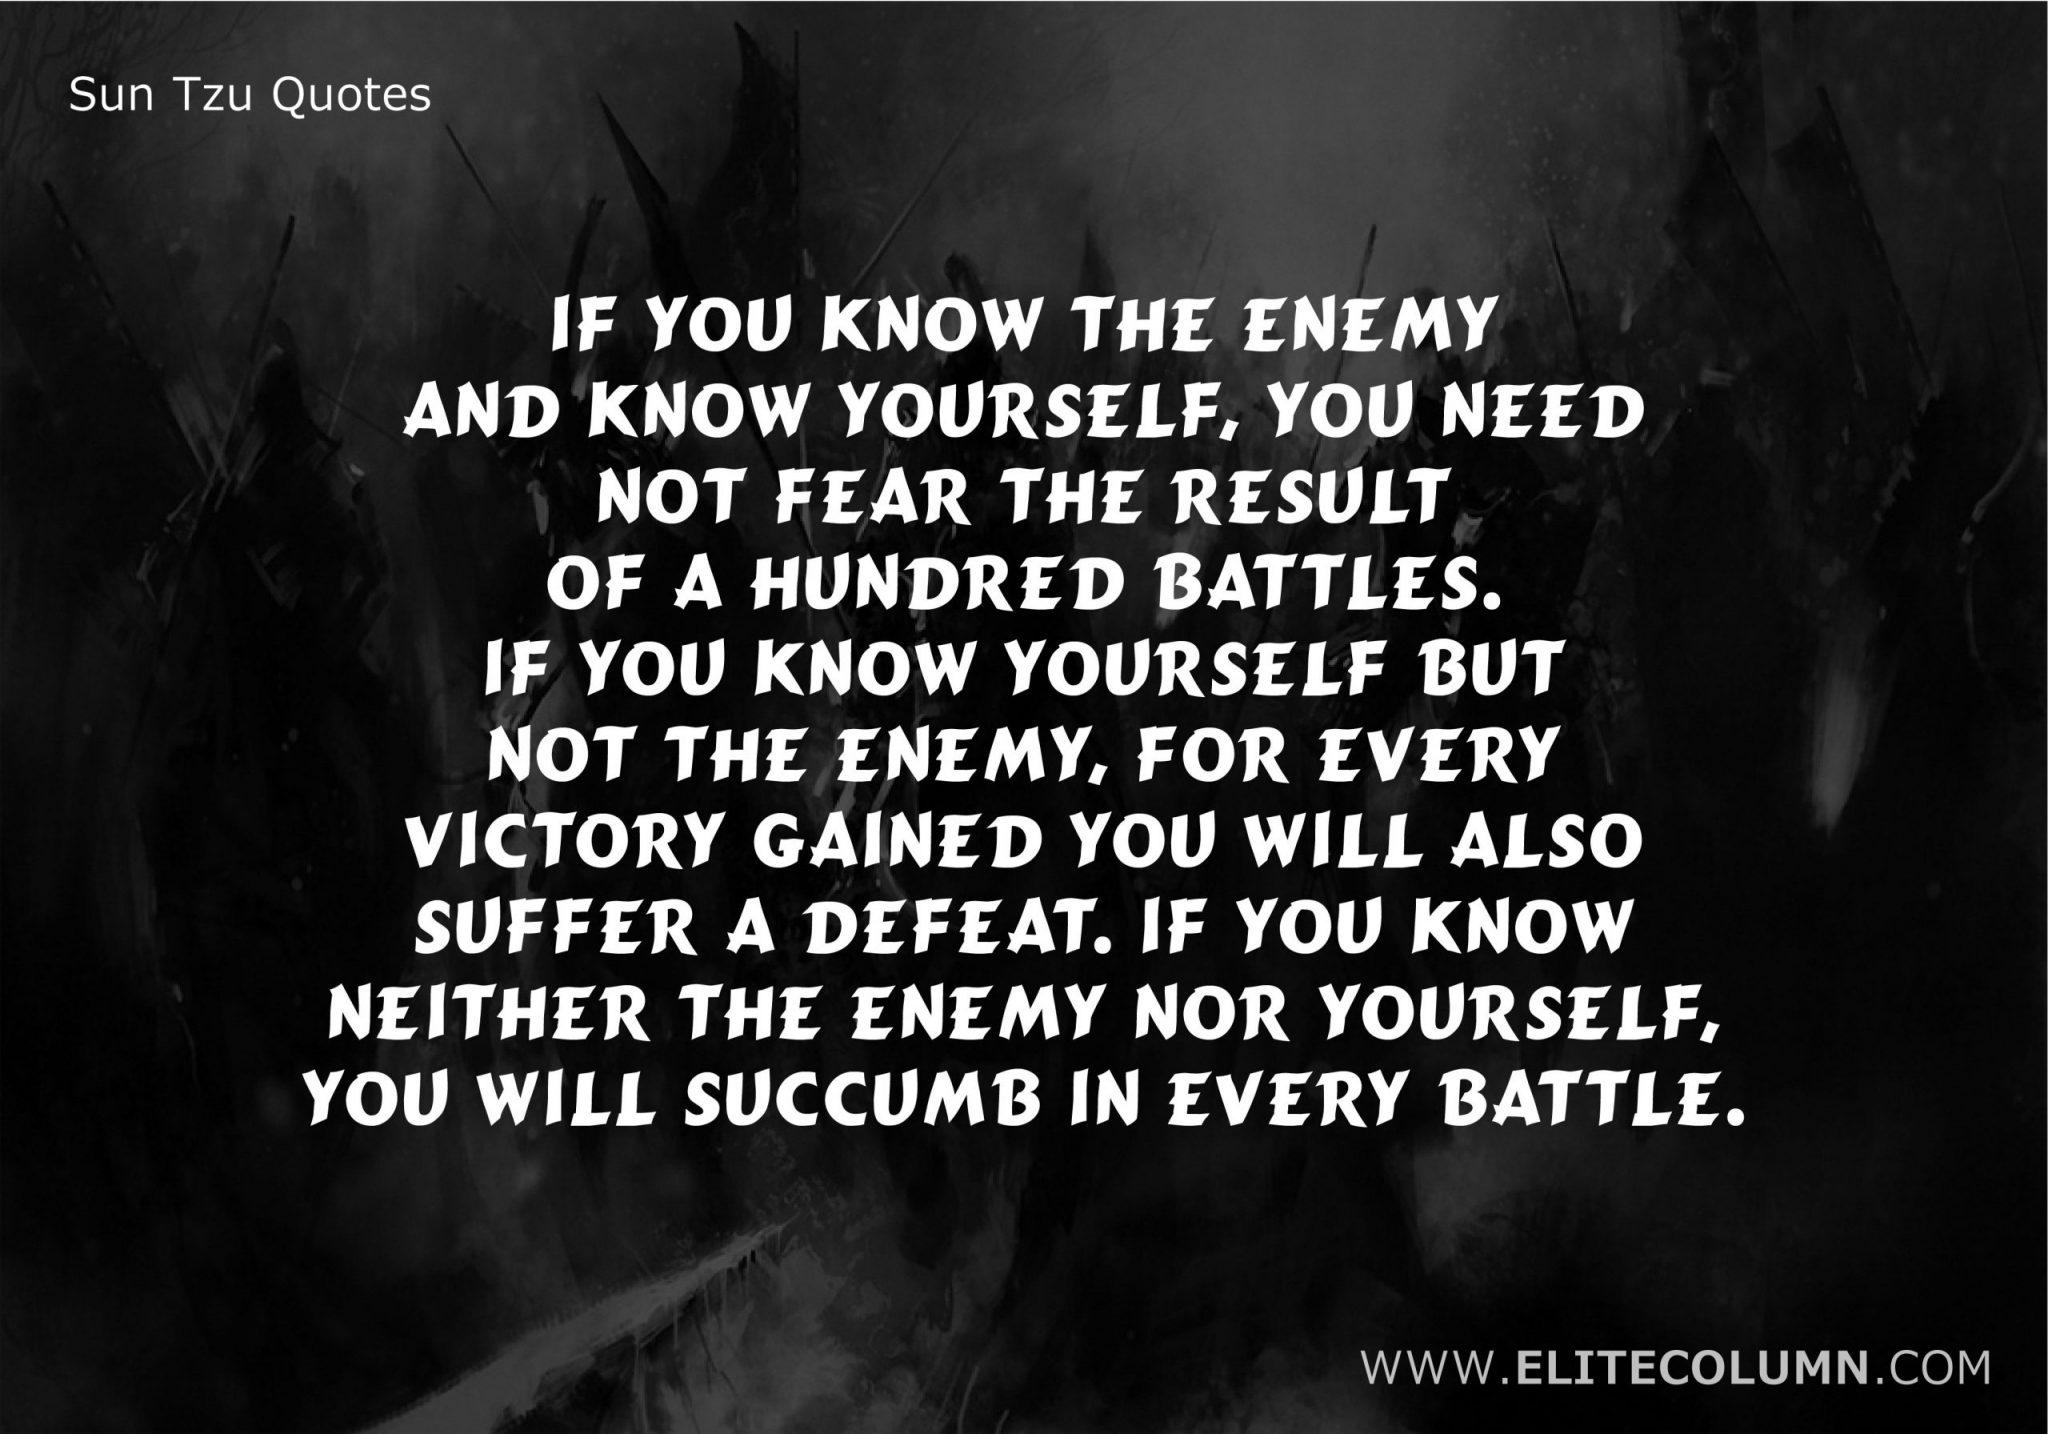 Sun Tzu Quotes (4)